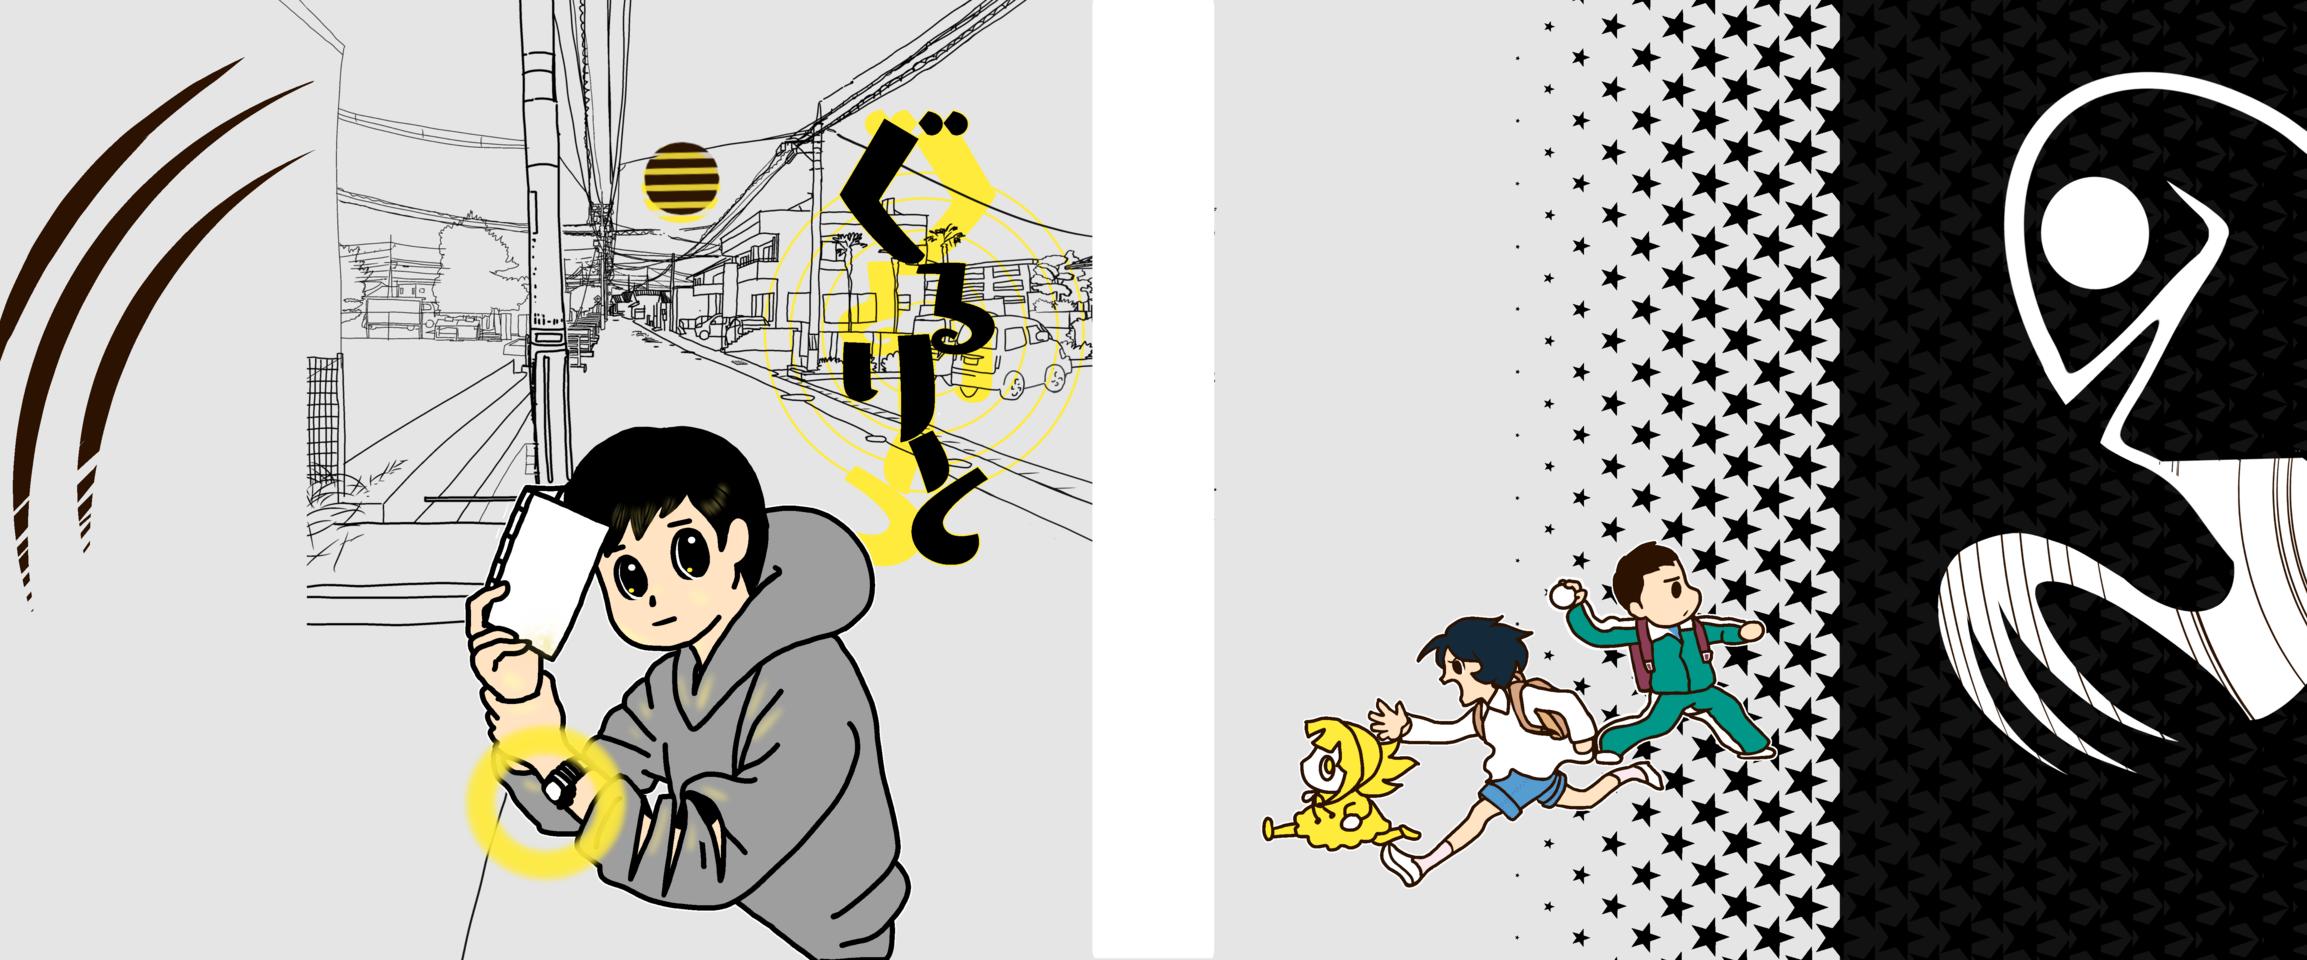 ぐるりと装丁 Illust of 針井 Spinning_contest